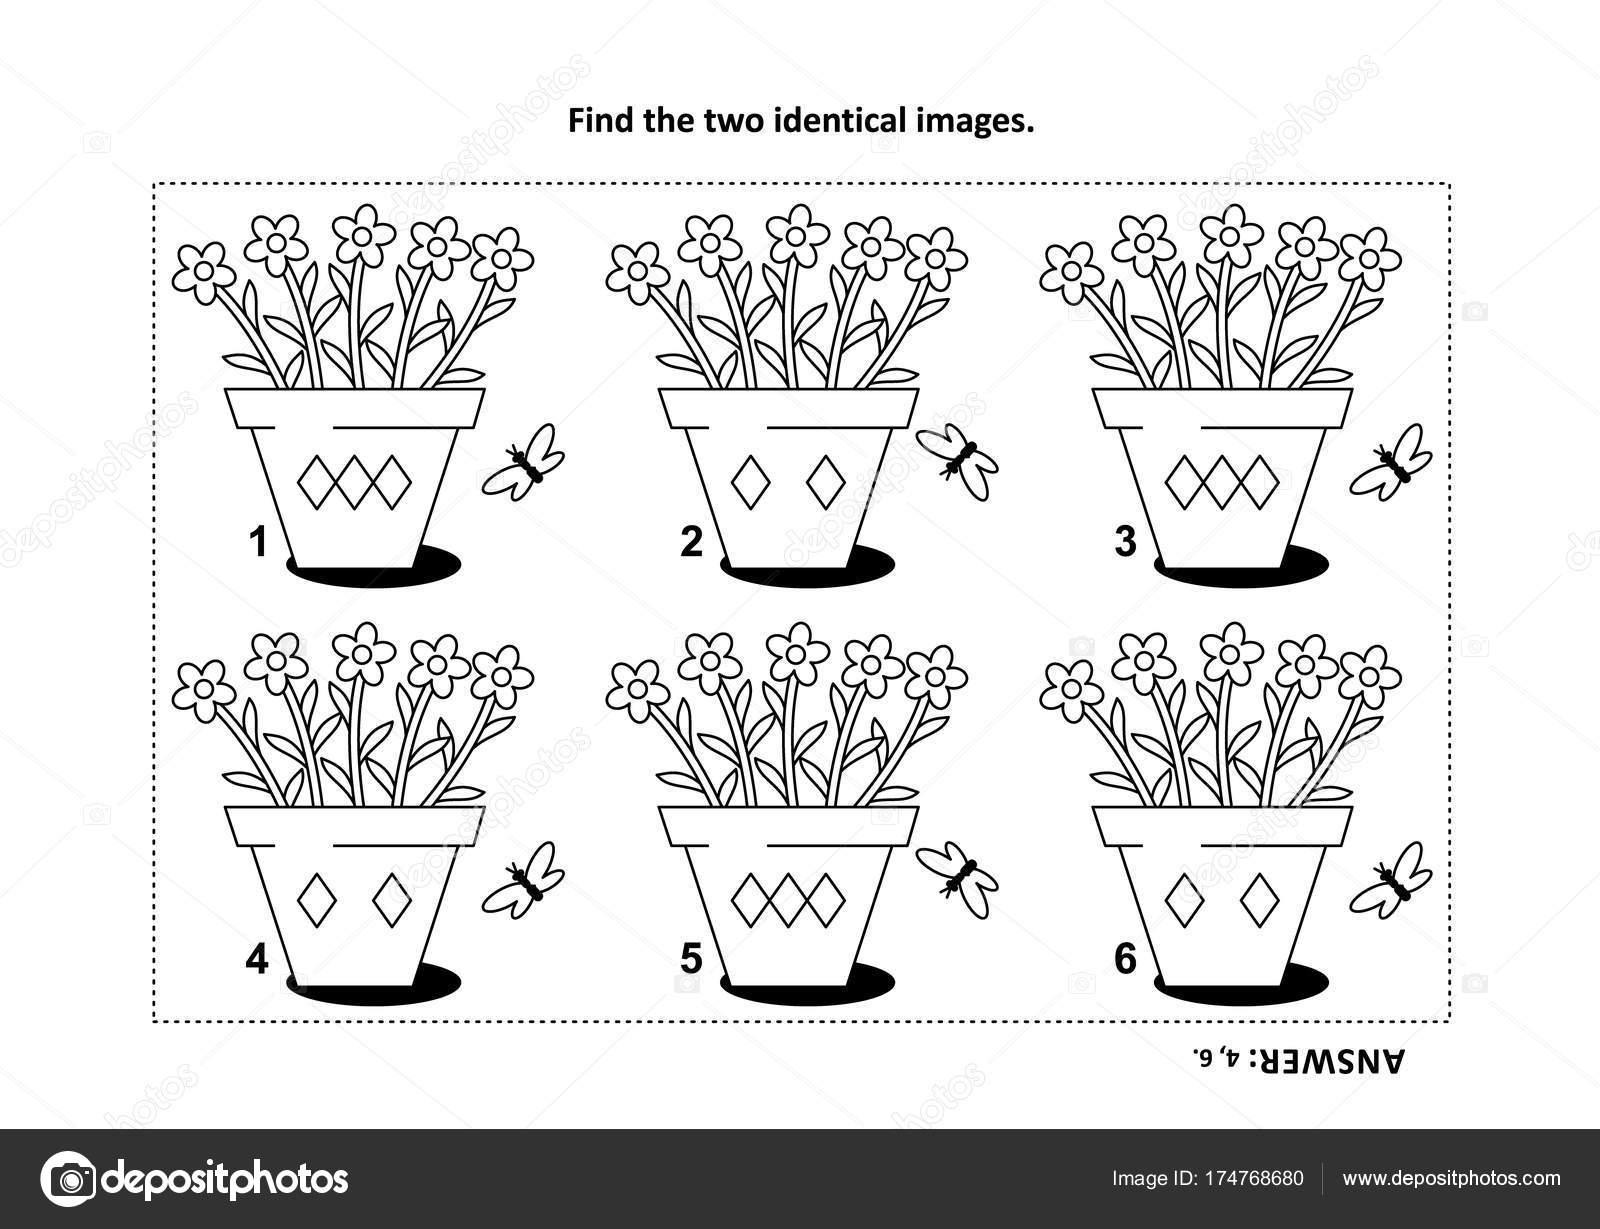 Eğitim Saksı çiçekleri Görsel Puzzle Boyama Sayfası Ile Iki özdeş